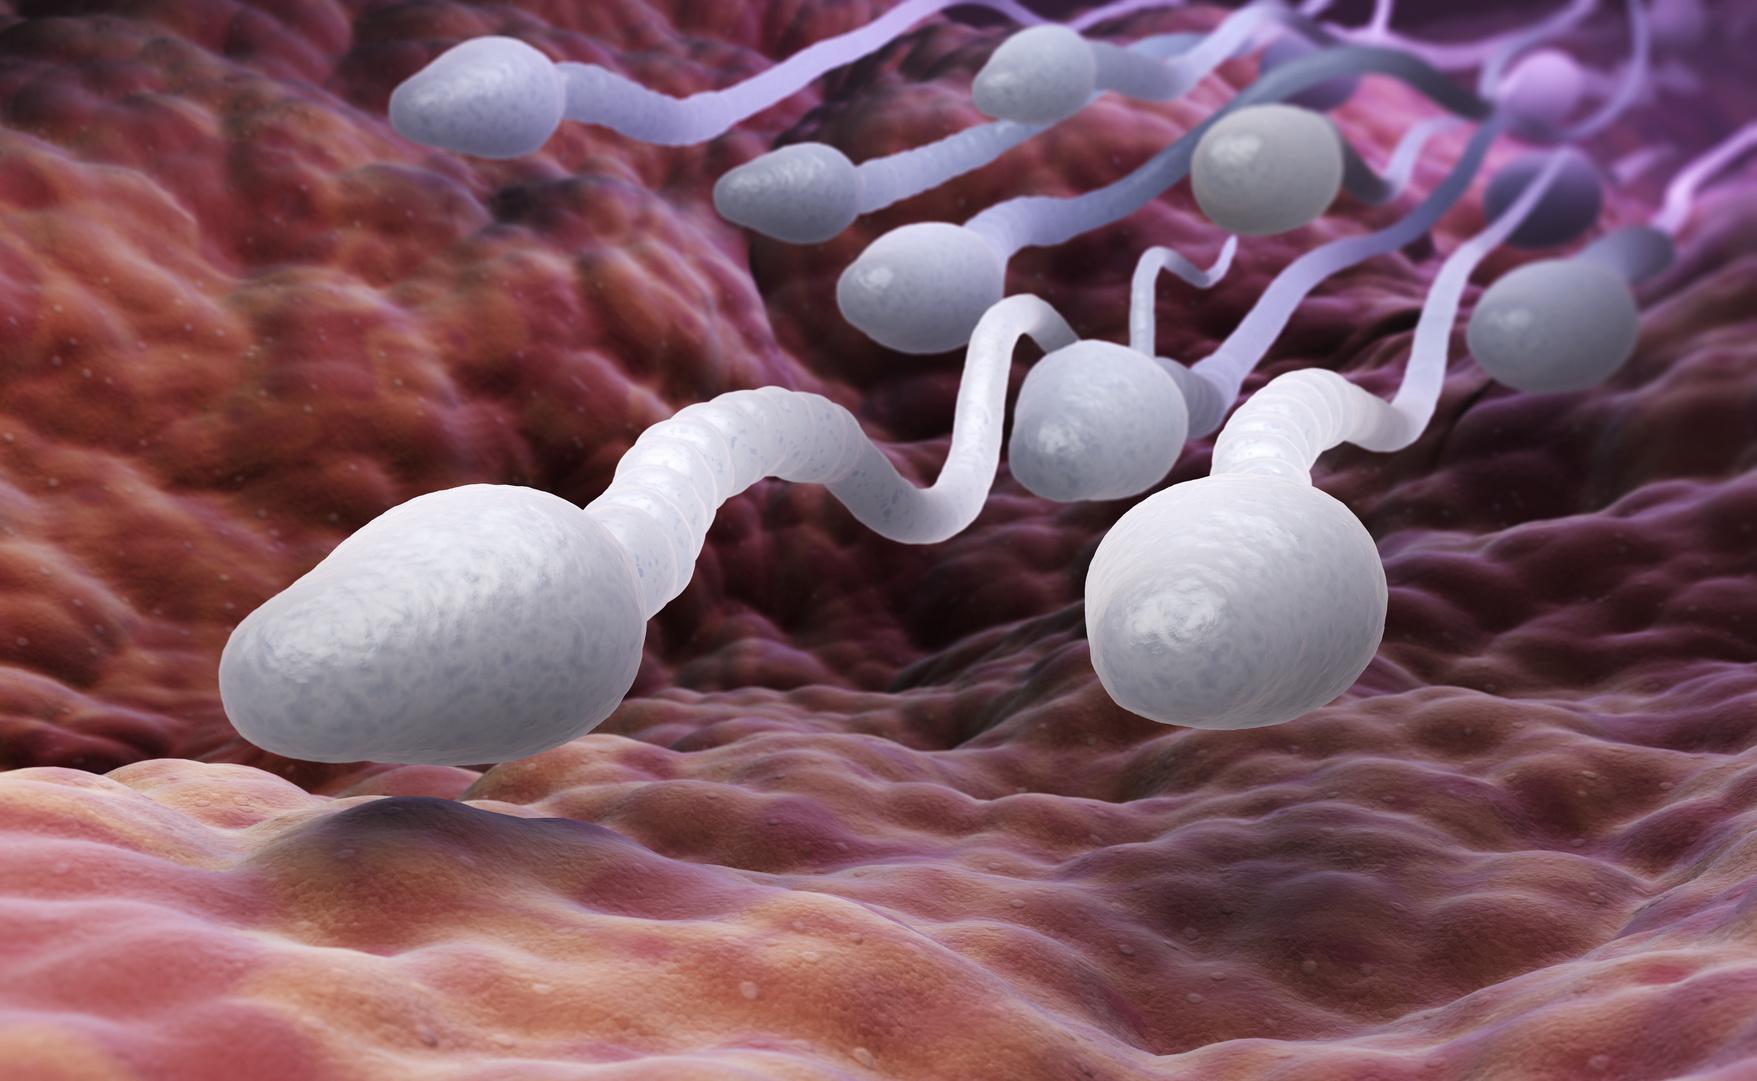 espermatozóides dentro do organismo